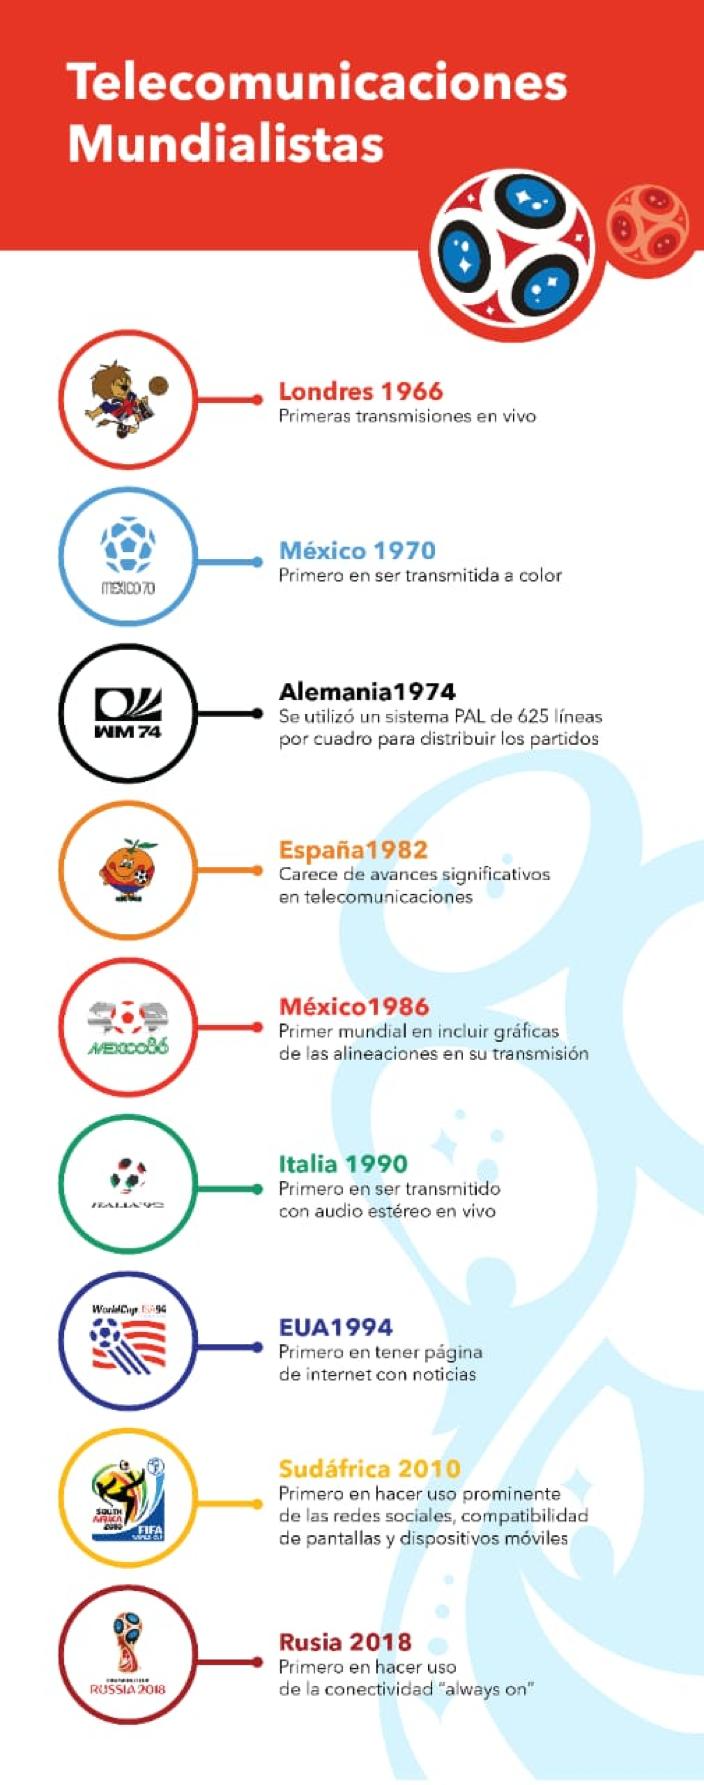 telecomunicaciones mundialistas.png